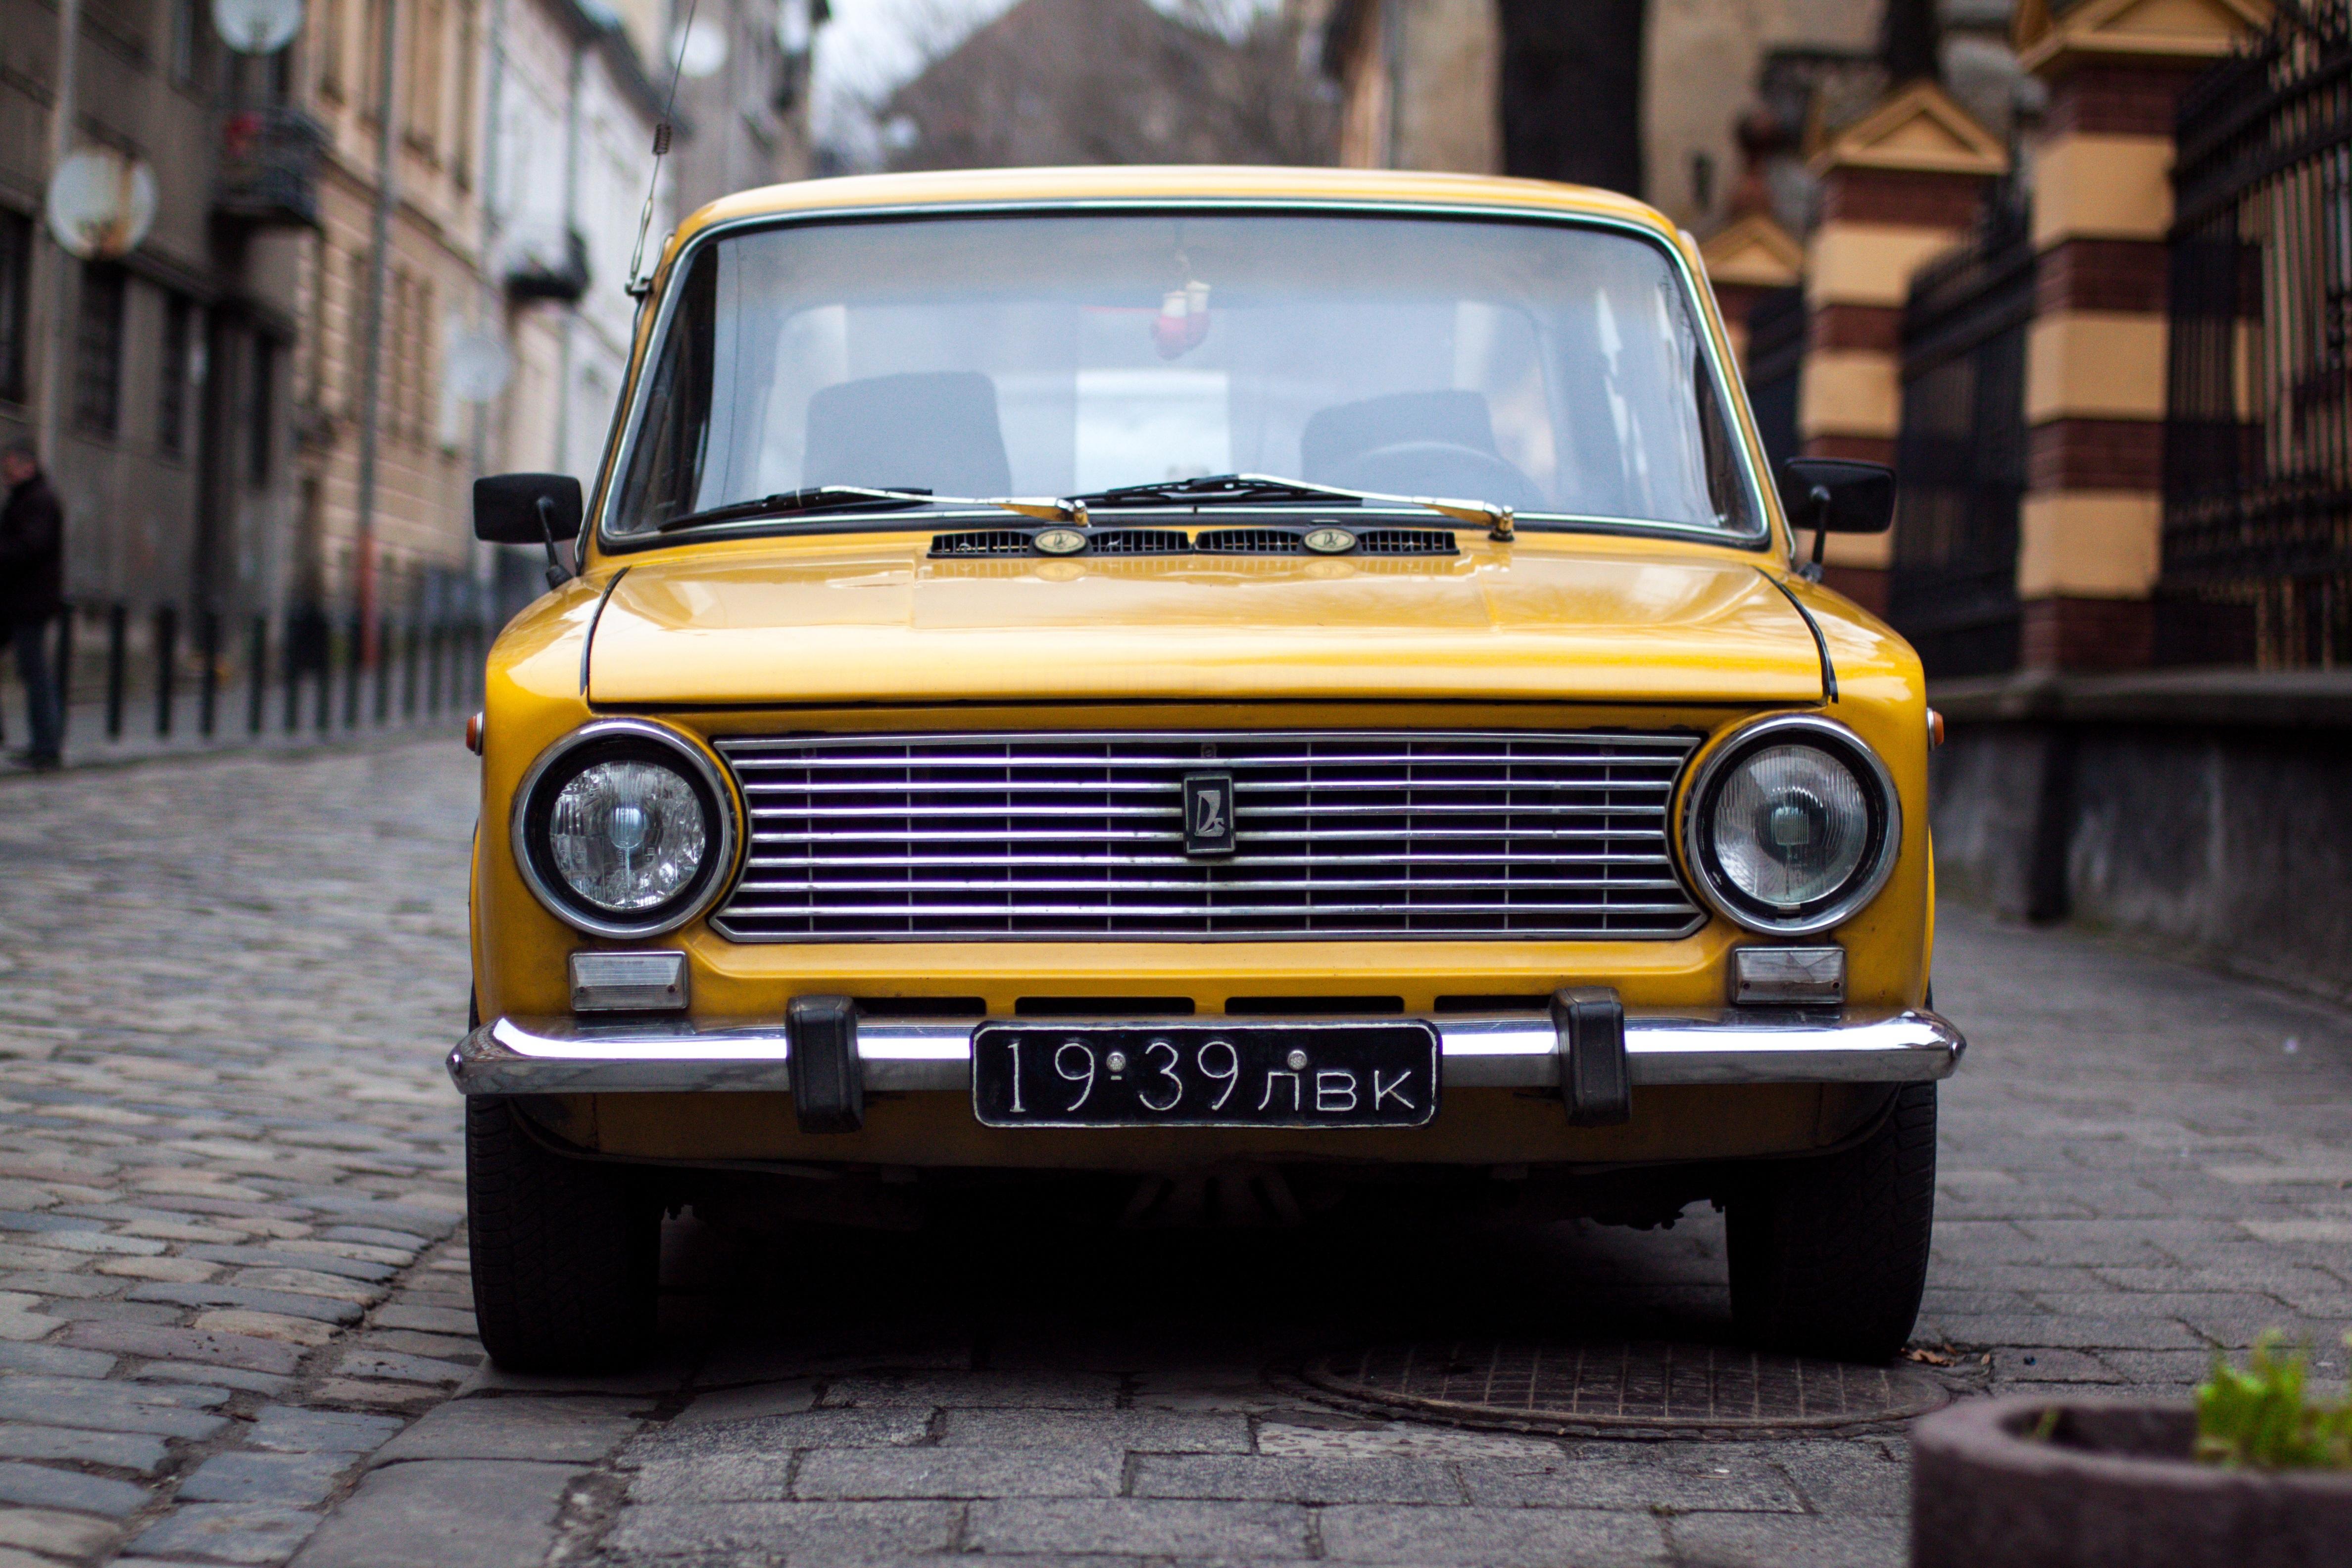 75 Koleksi Gambar Mobil Dari Depan Terbaru